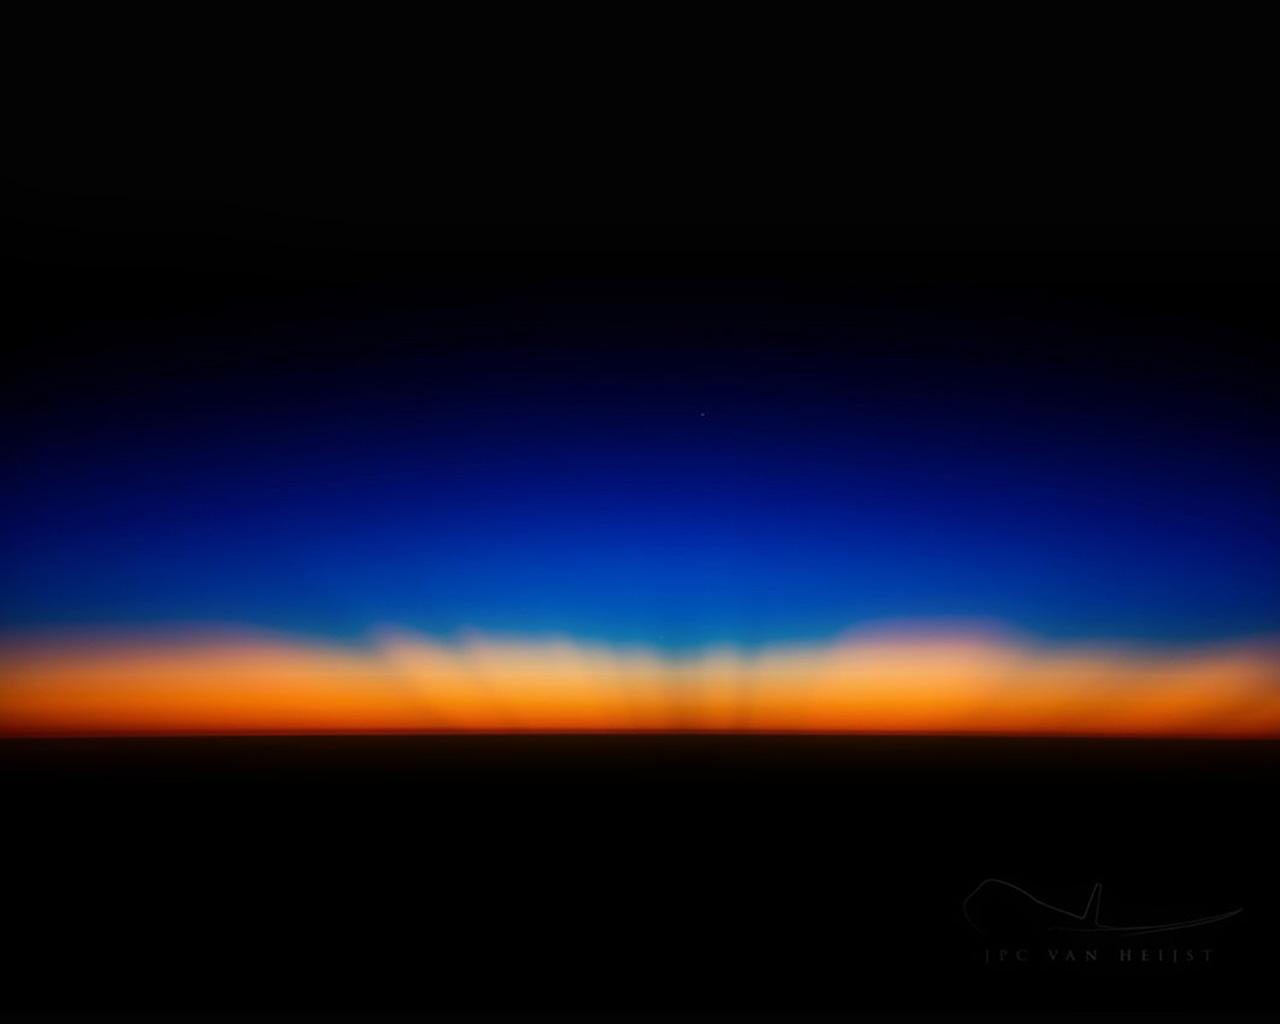 Fall City Wallpaper Hd Sk35 Sunset Dark Red Blue Horizontal Blur Gradation Wallpaper